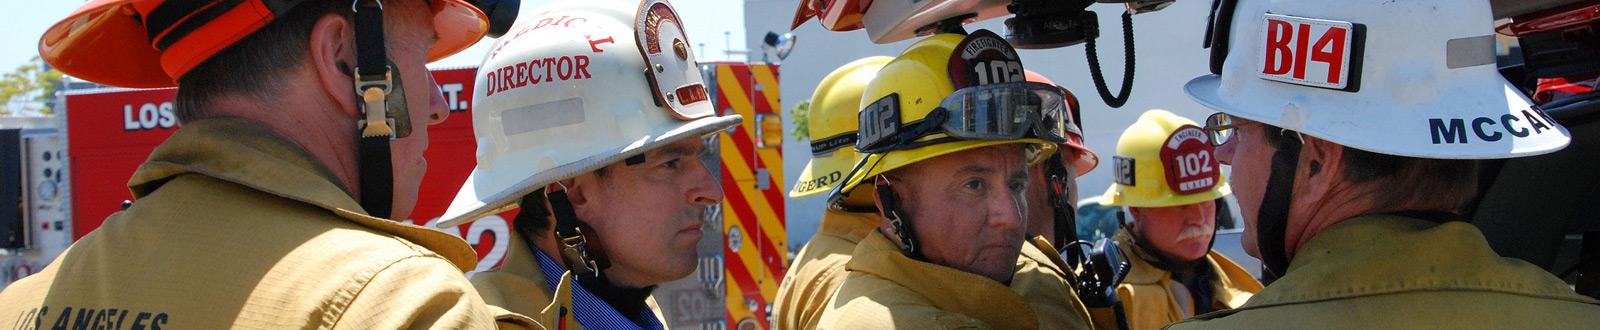 A group of firemen discuss next steps